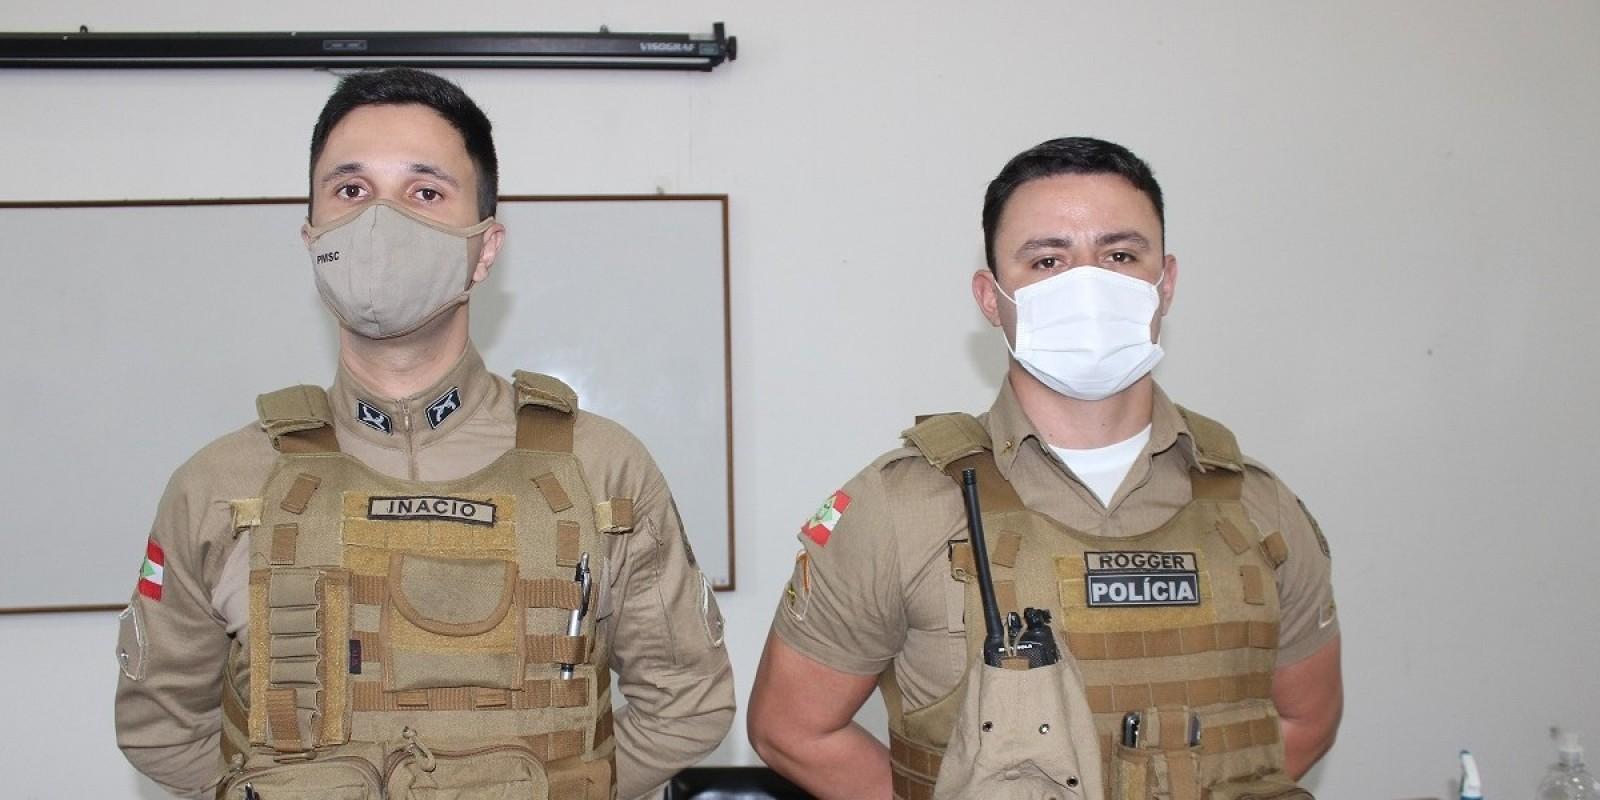 Soldados Rogger e Inácio chegam para reforçar a segurança das famílias de São Ludgero